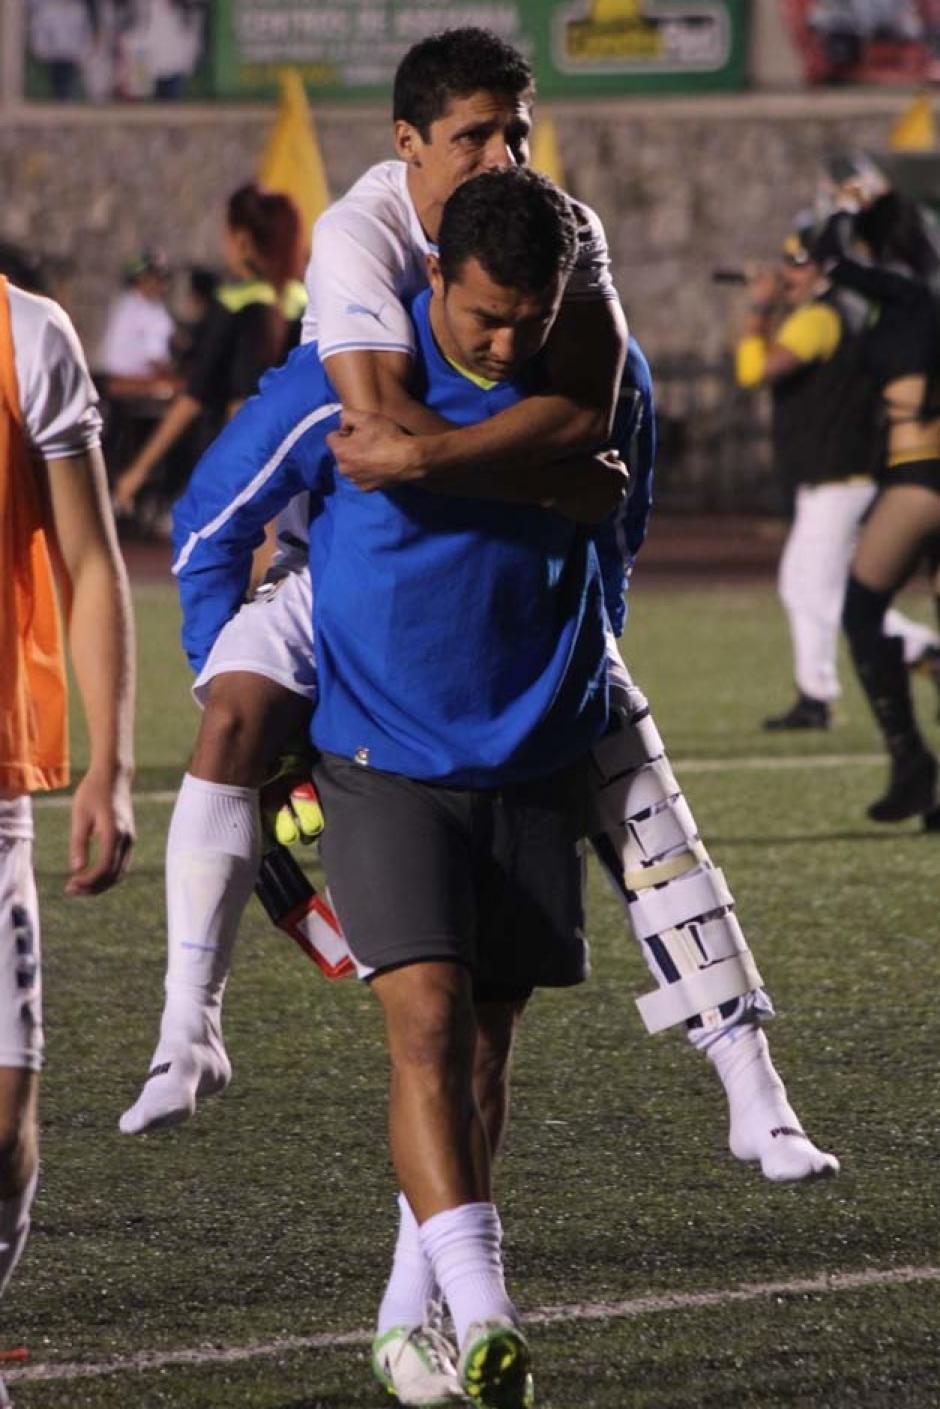 Comunicaciones tuvo que sobreponerse a las lesiones de jugadores importantes en el primer tiempo, pero eso no impidió que remontara y empatara el tiempo regular. (Foto: José Dávila/Soy502)